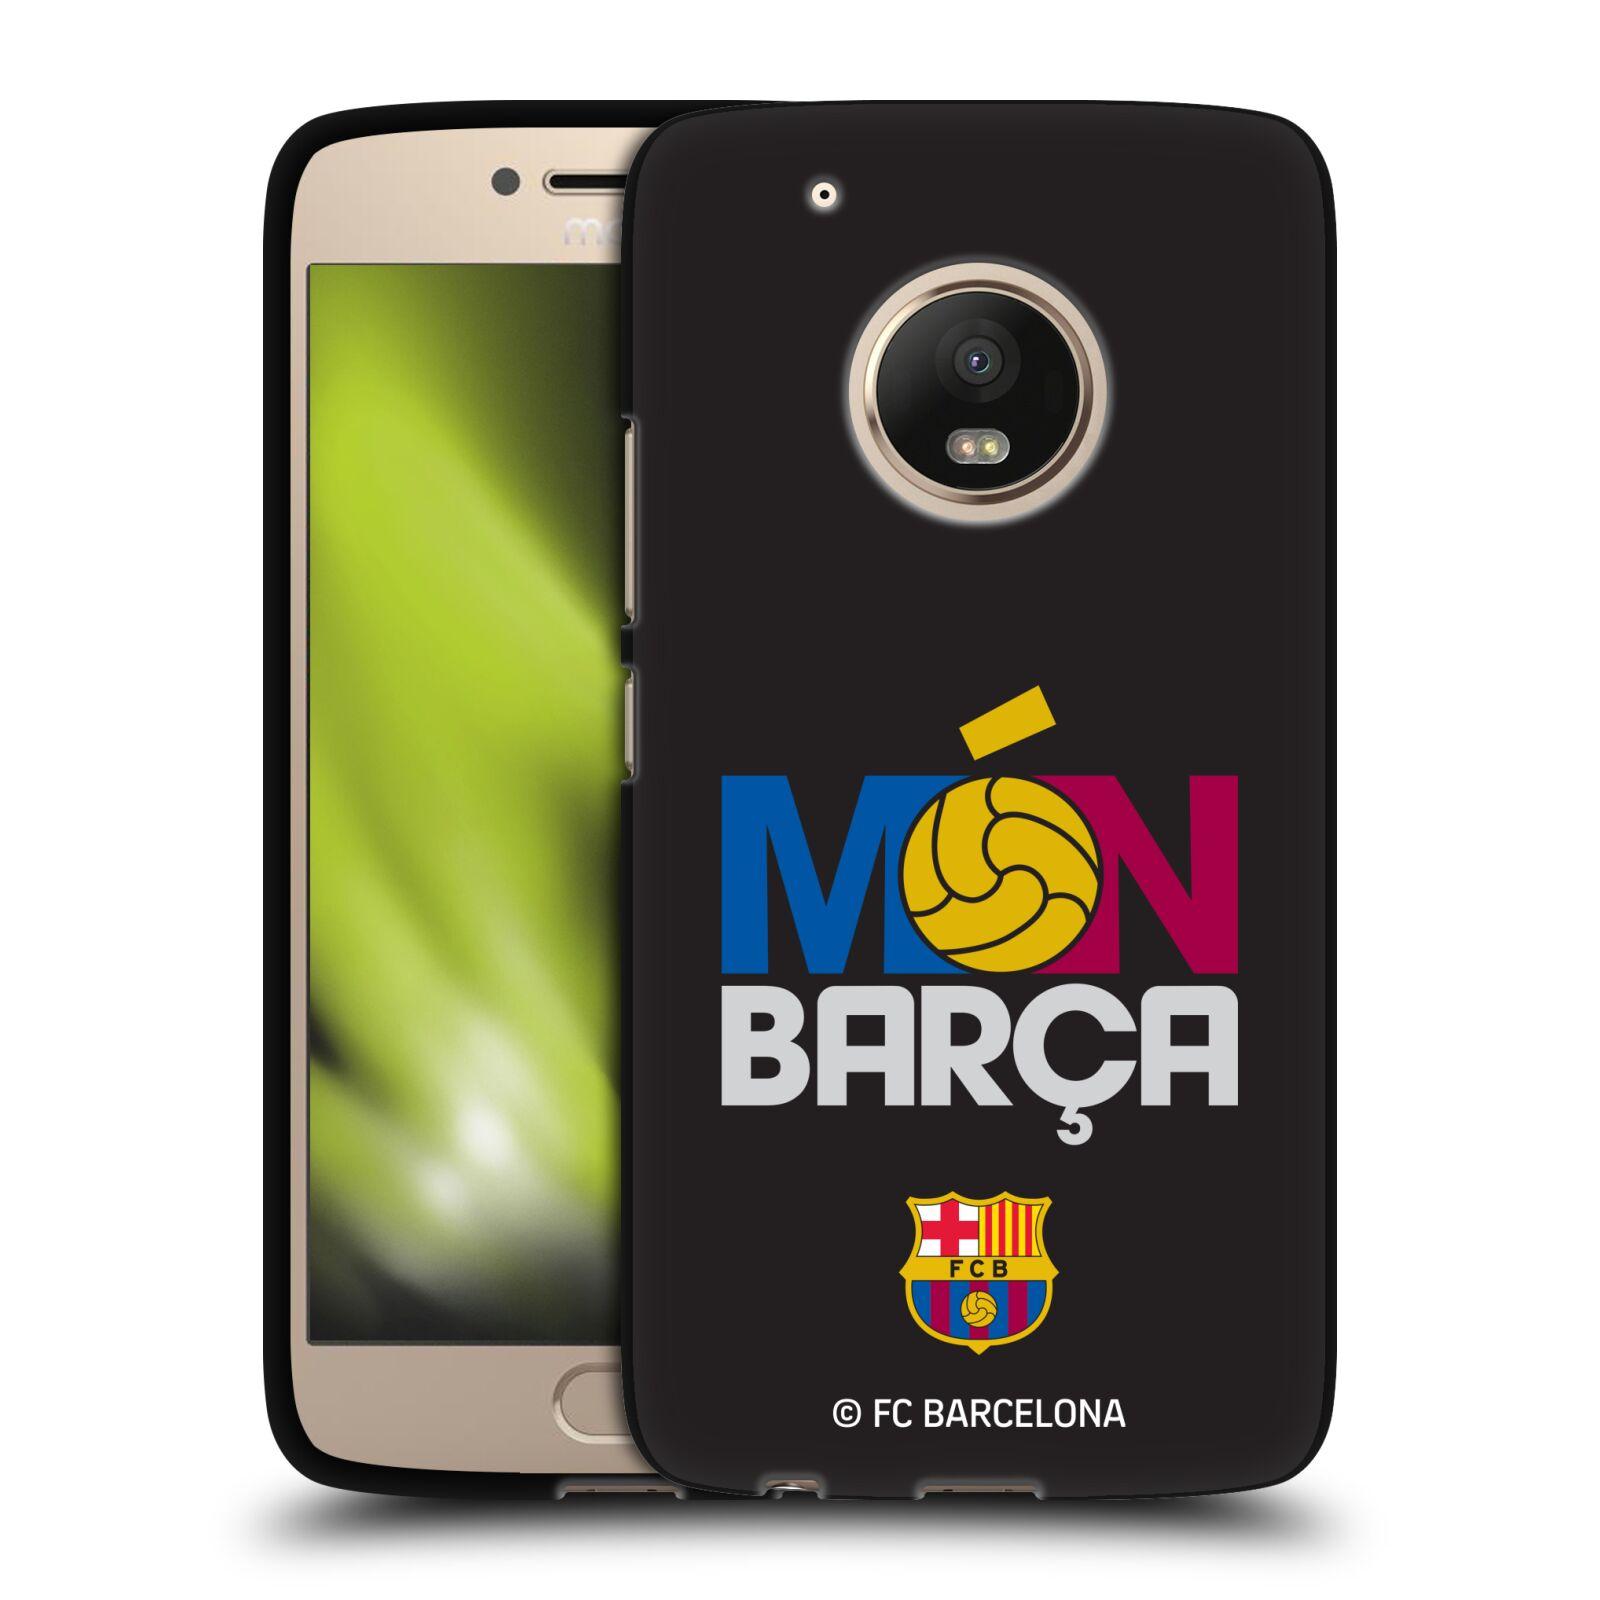 OFFICIAL-FC-BARCELONA-2017-18-CAMPIONS-BLACK-SOFT-GEL-CASE-FOR-MOTOROLA-PHONES